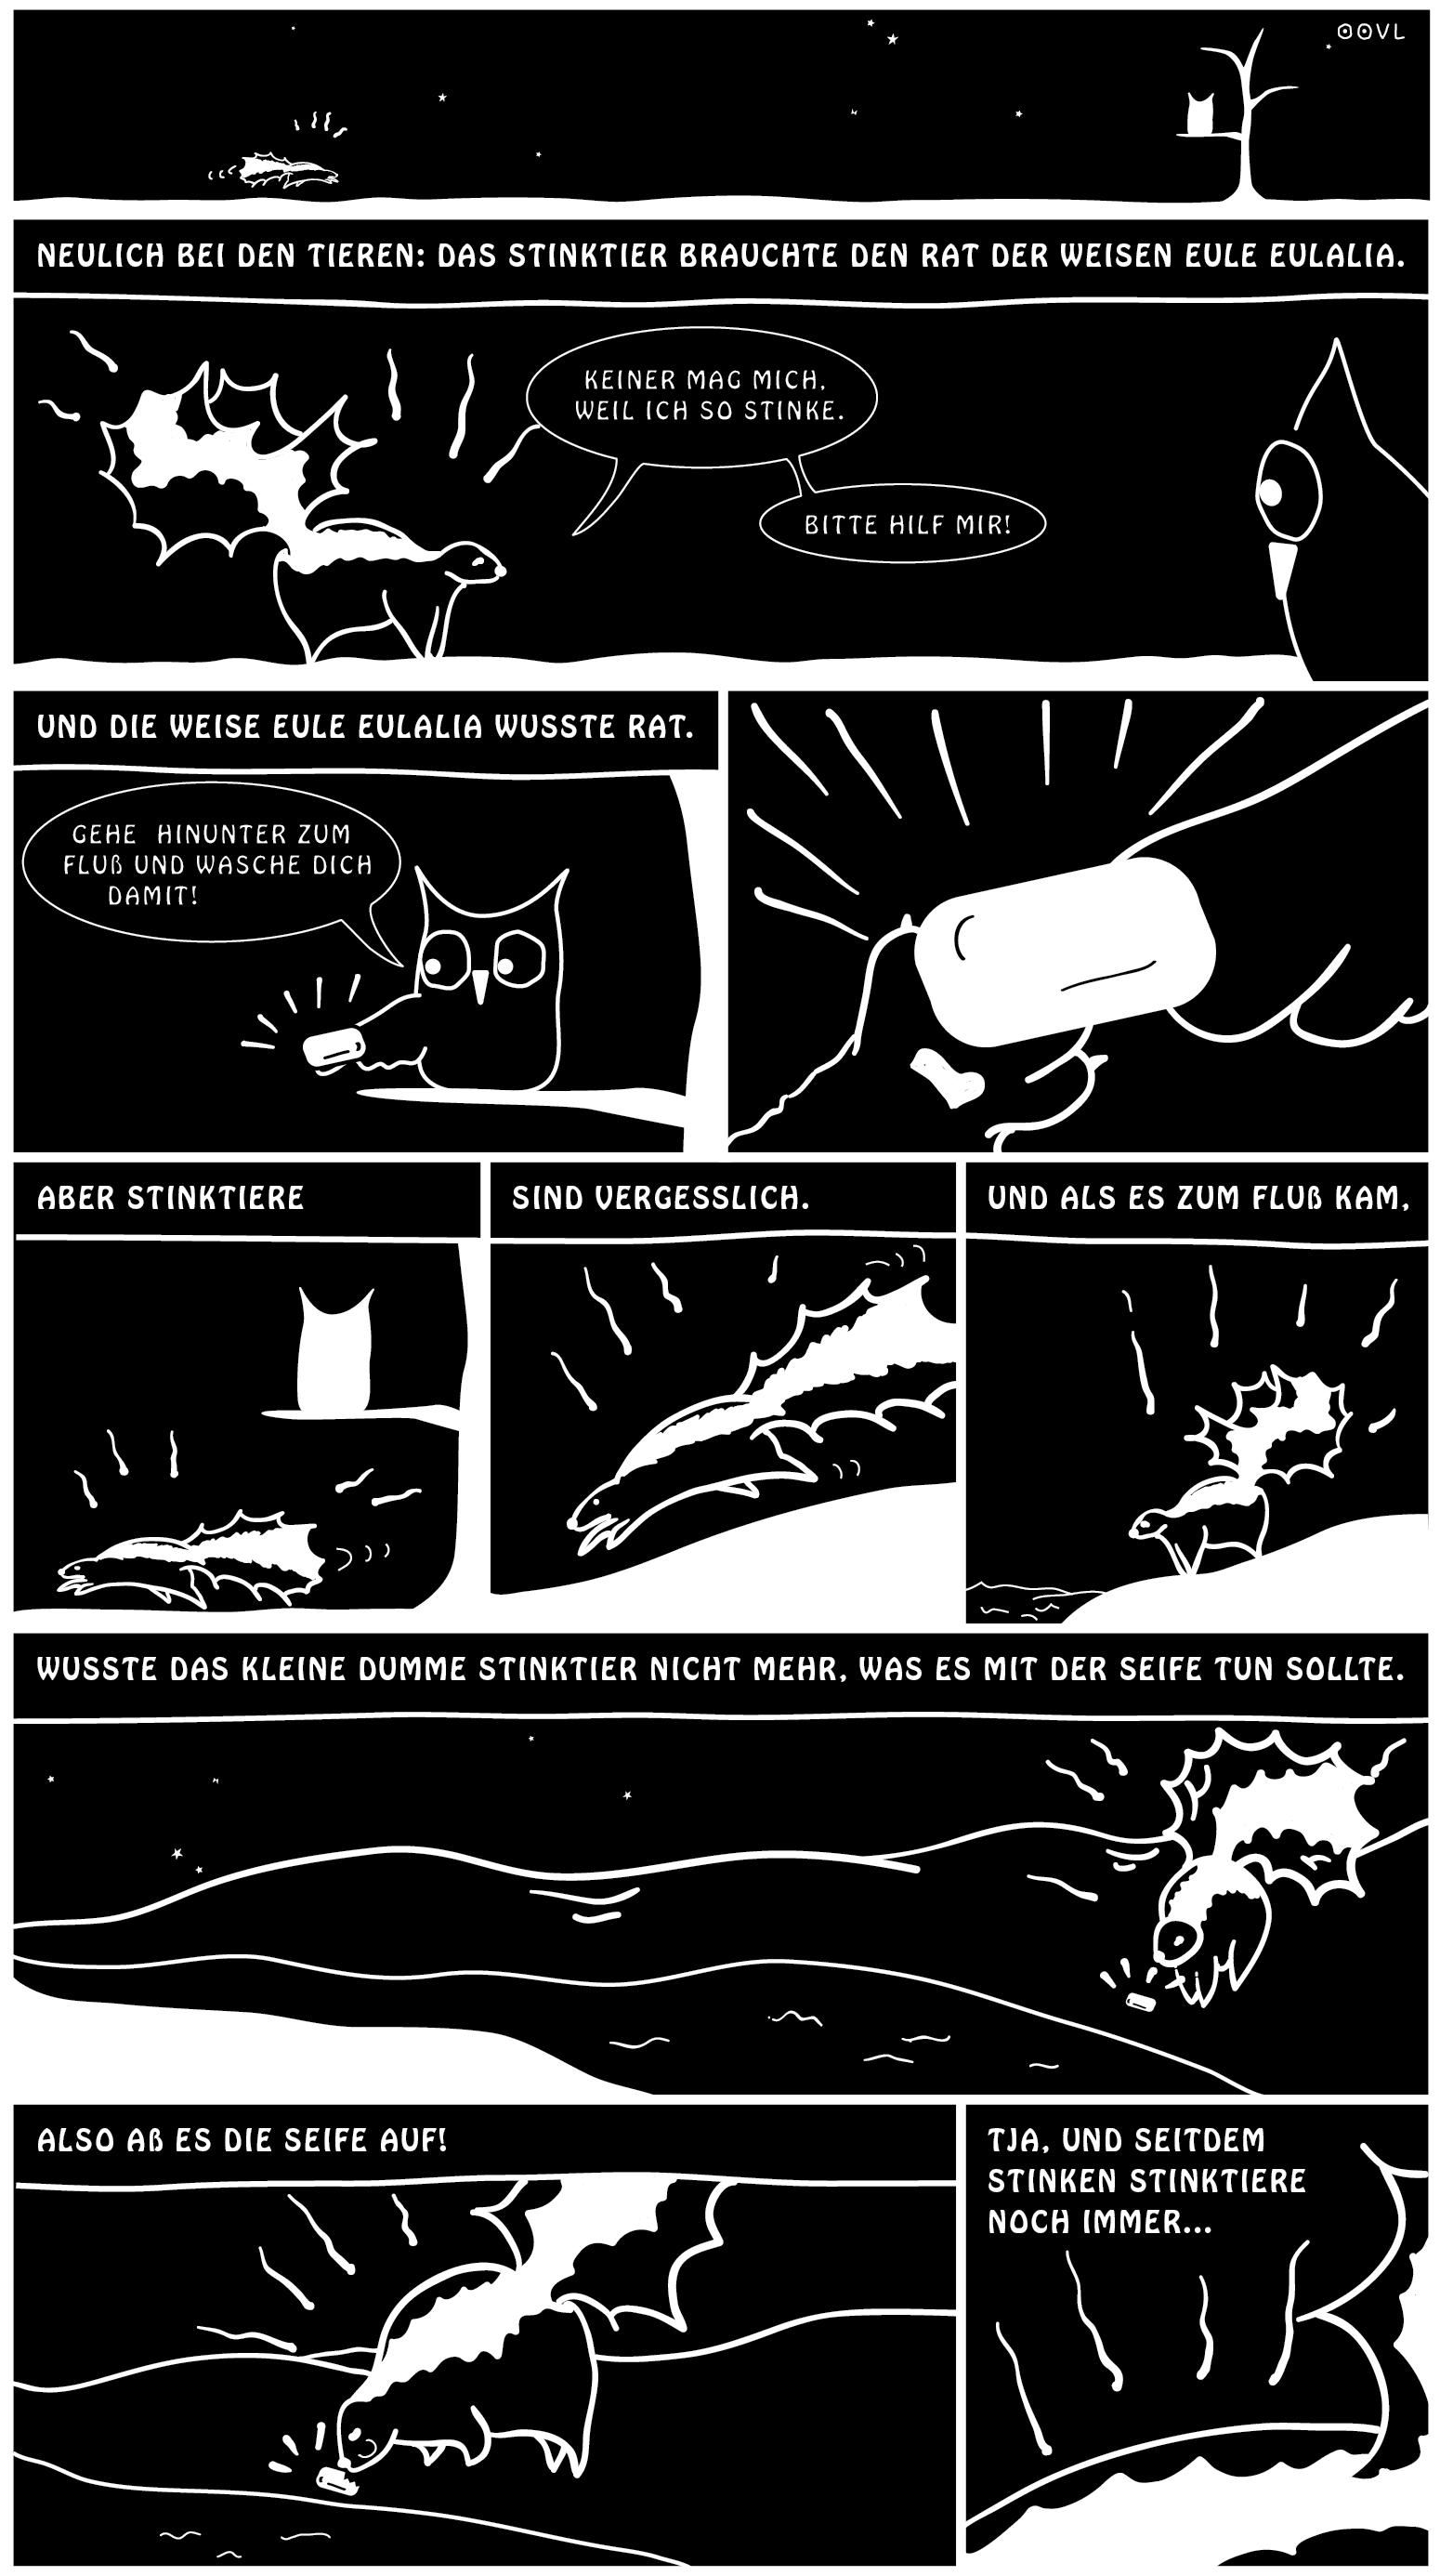 Ein EULALIA THE OOVL Collab Comic von Vera Liesmann über eine Kindergeschichte mit einem Stinktier.